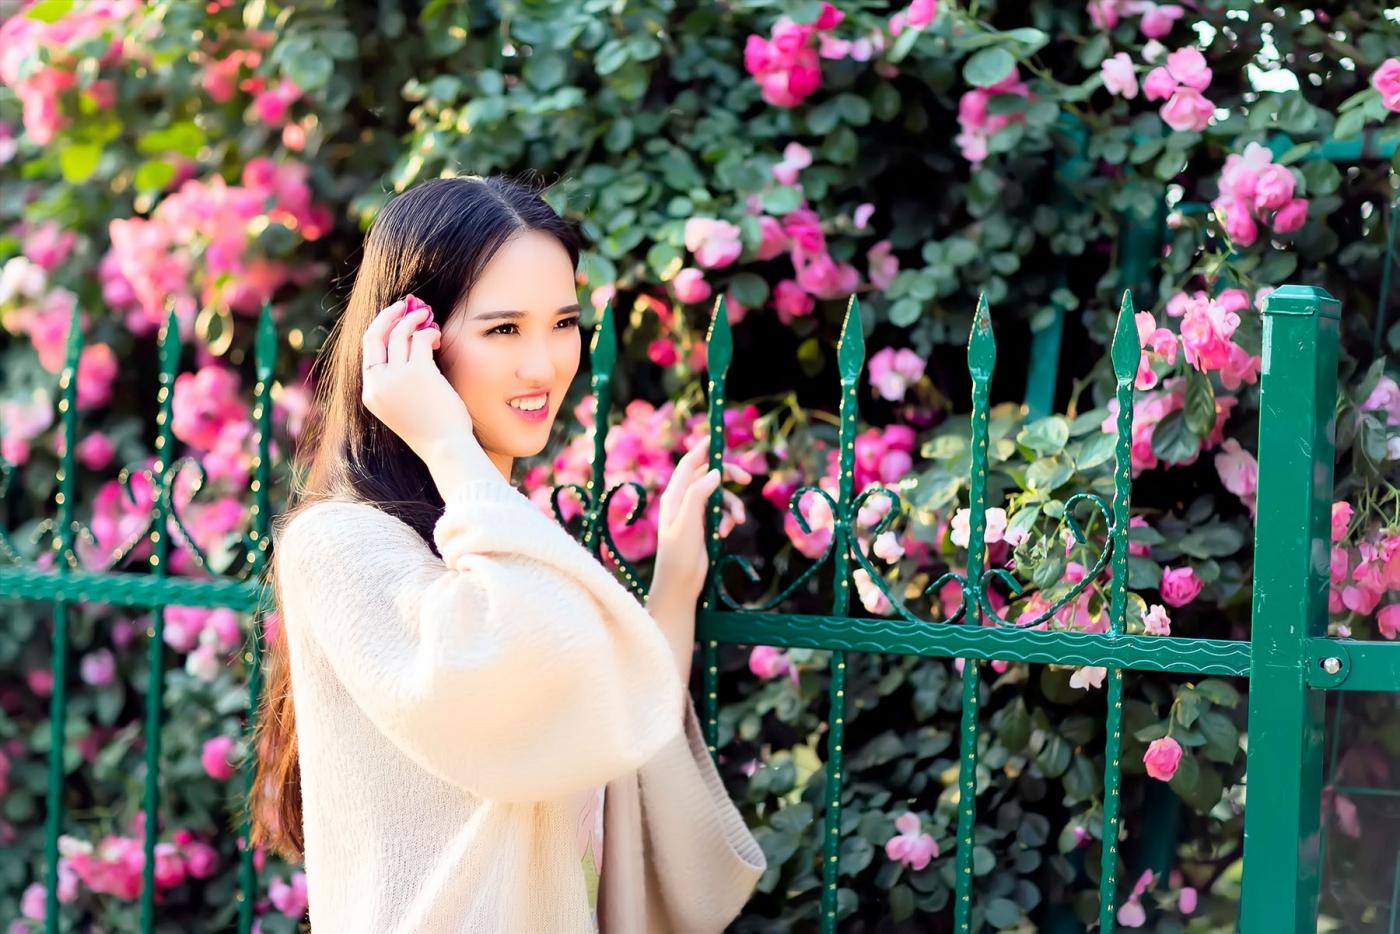 蔷薇·阳光·女孩 去见你想见的人吧_图1-17